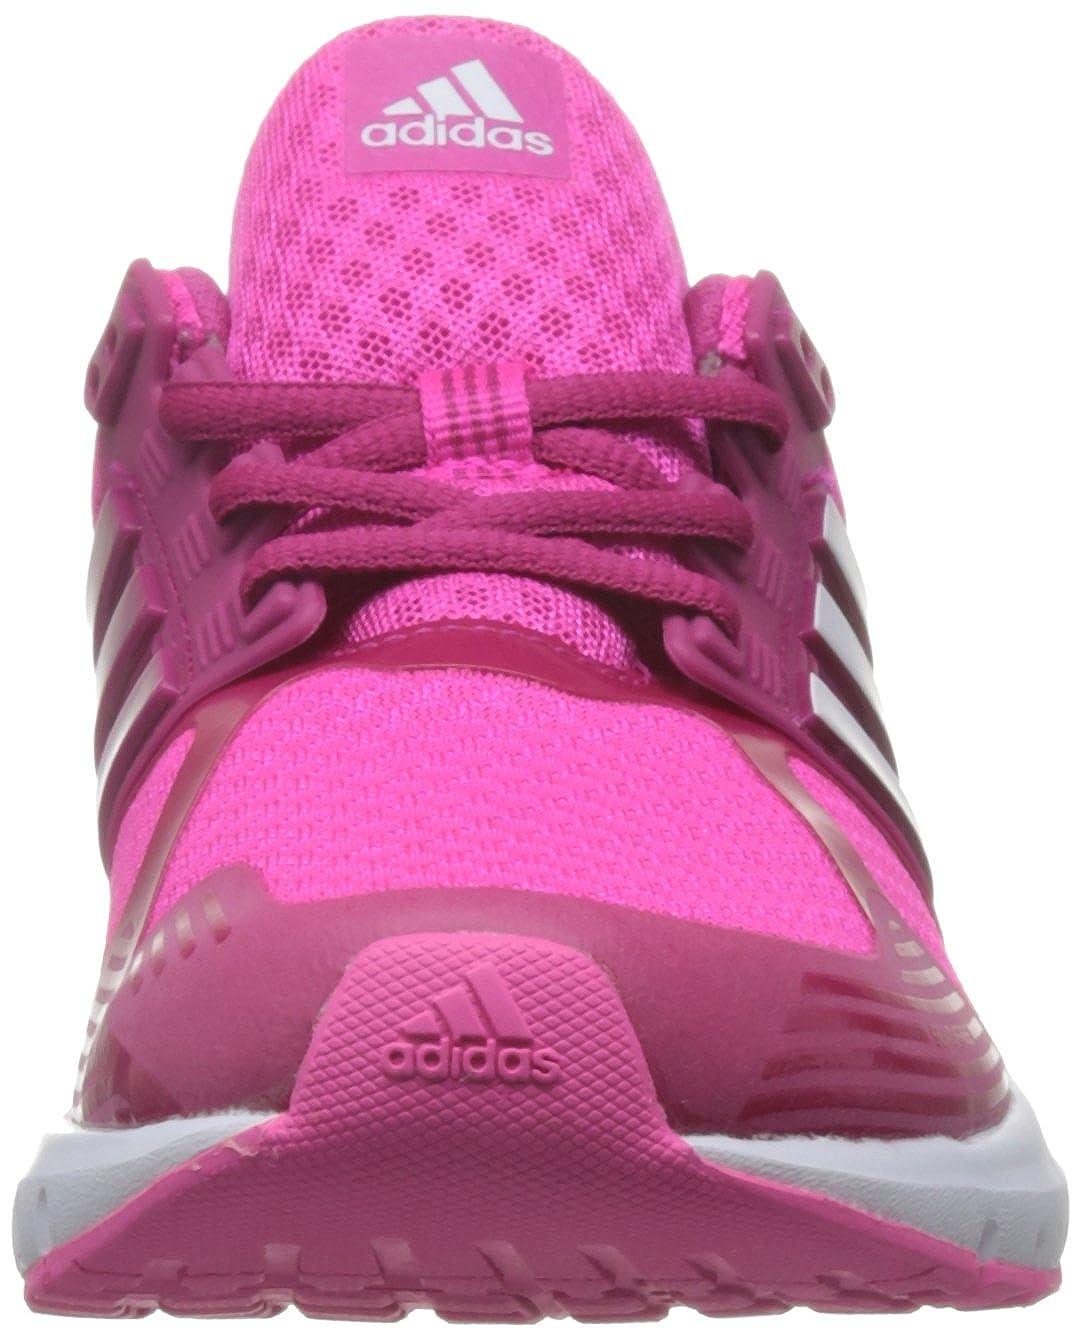 Amazon.com | adidas Duramo 8 Womens Running Trainers Sneakers | Road Running